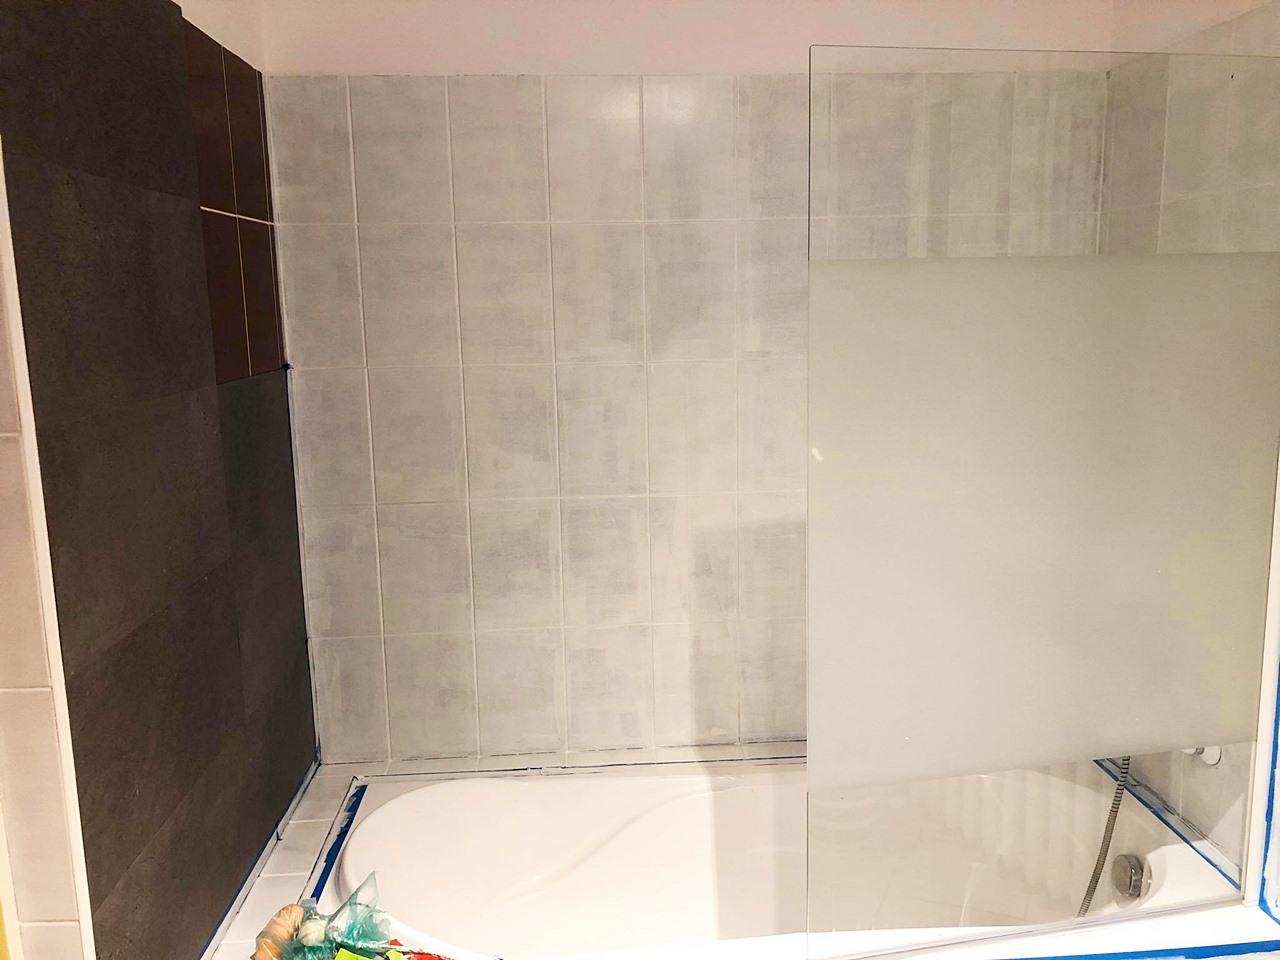 łazienka przed i po remoncie